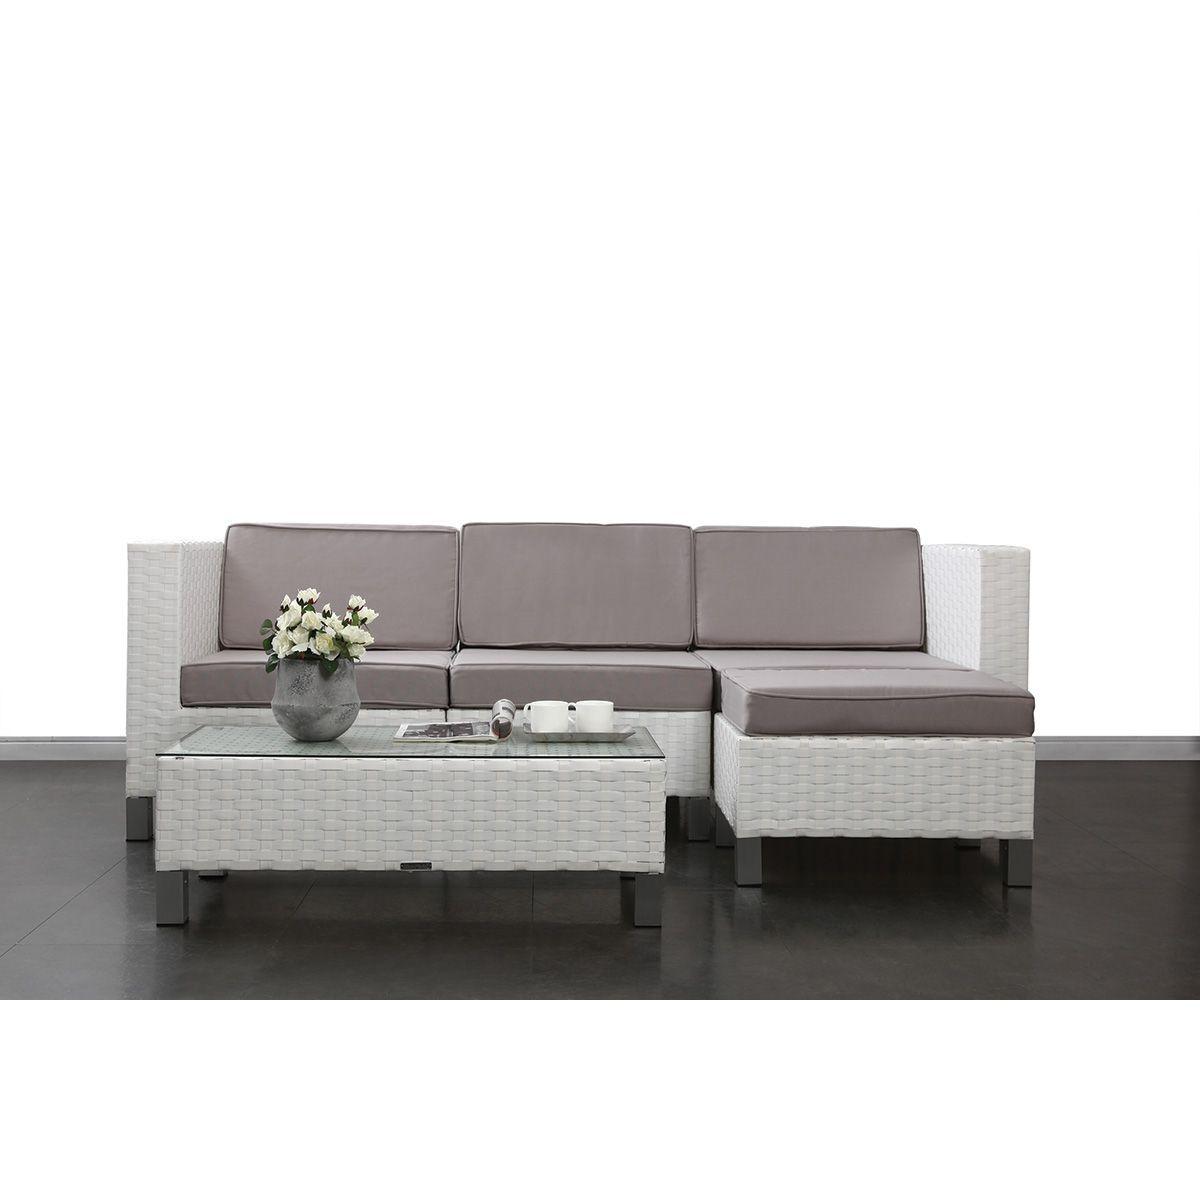 Mesas de salon 2 piso completo moderno y barato one with for Comedor completo contemporaneo barato